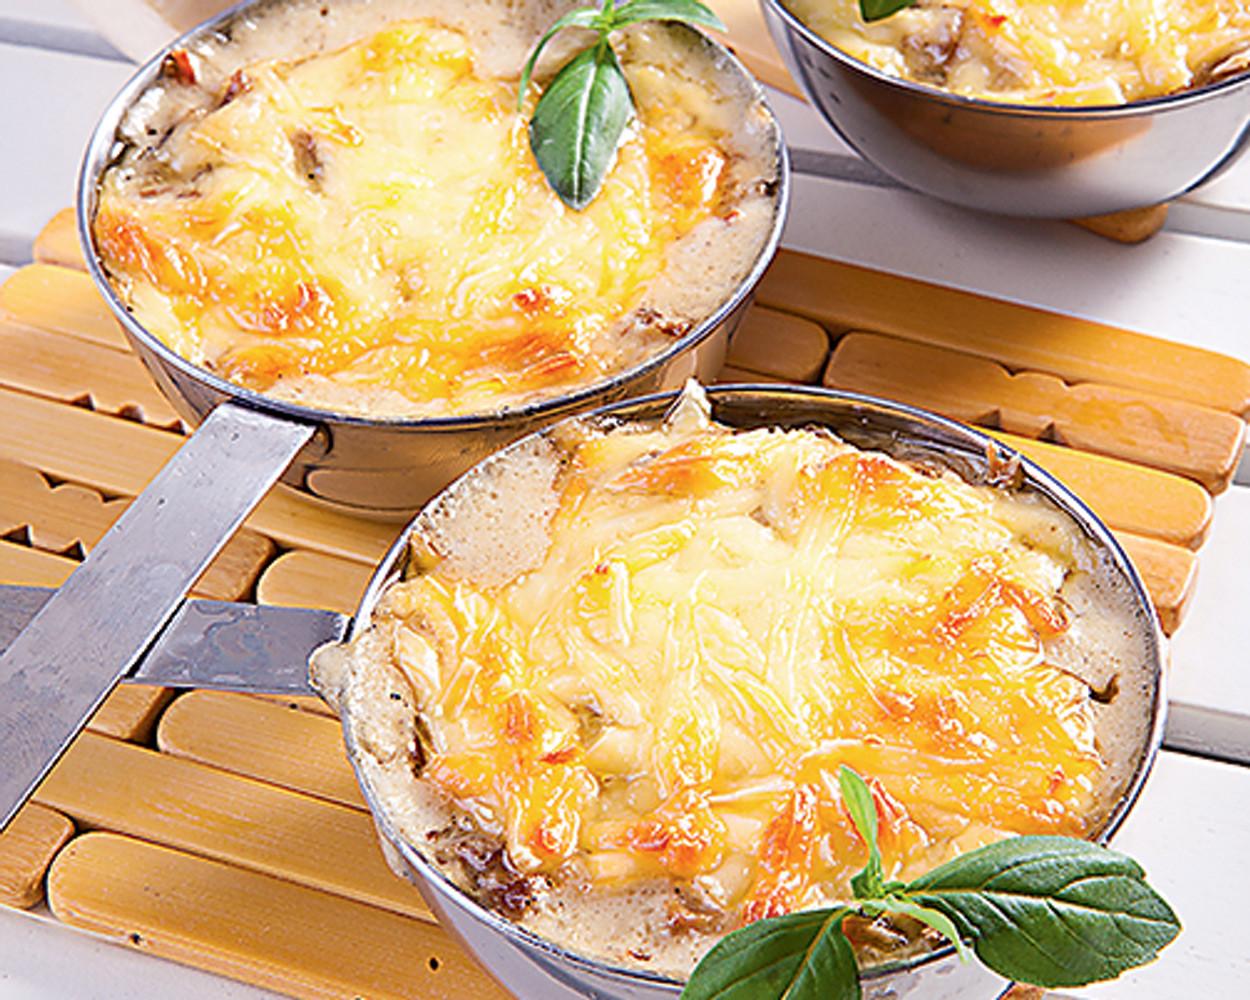 Блюда из шампиньонов: 4 вкусных рецепта